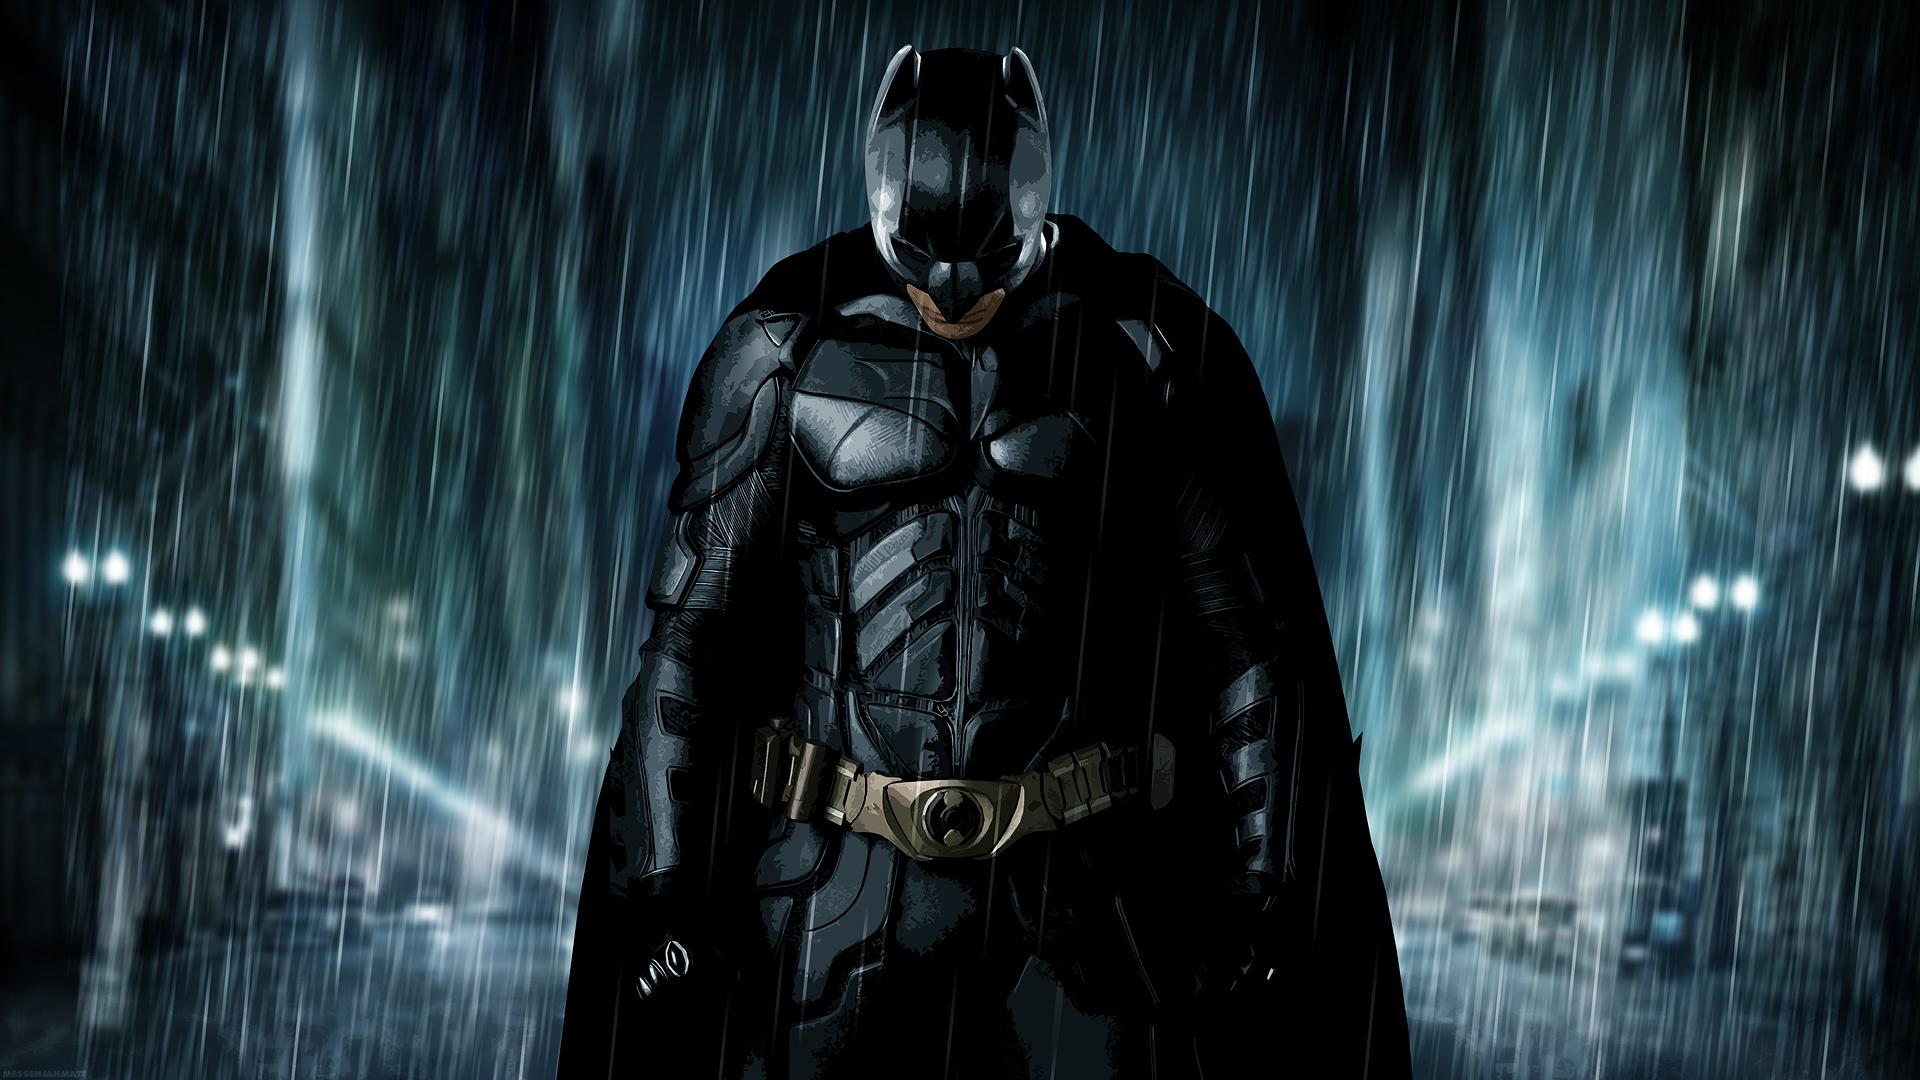 Fonds dcran des films Batman Batman movies wallpapers 1920x1080